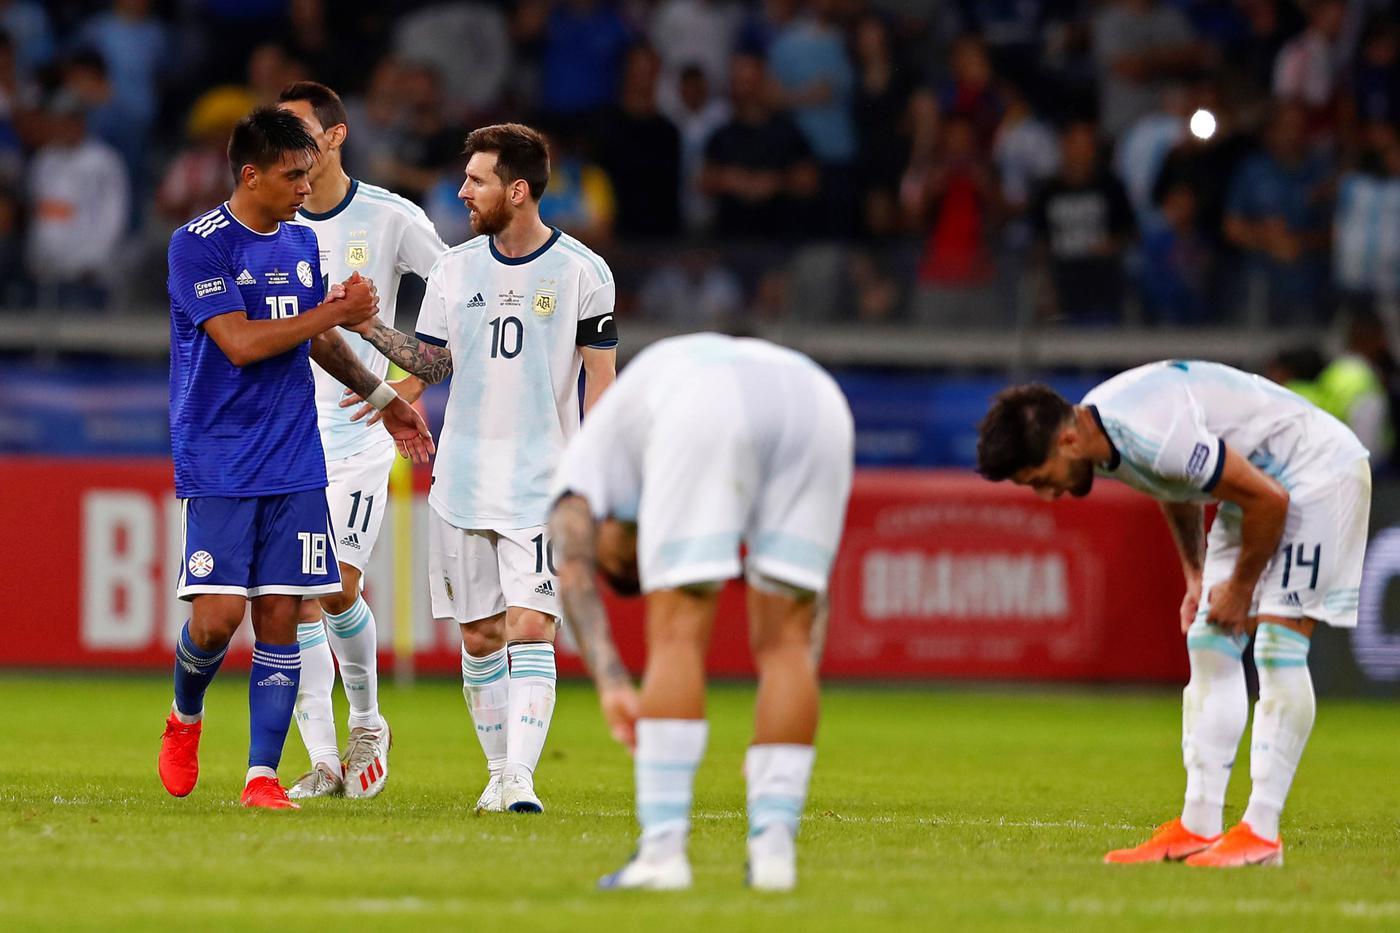 Сегодня Месси рискует вылететь с Кубка Америки. Аргентина должна взять пример со Швеции - фото